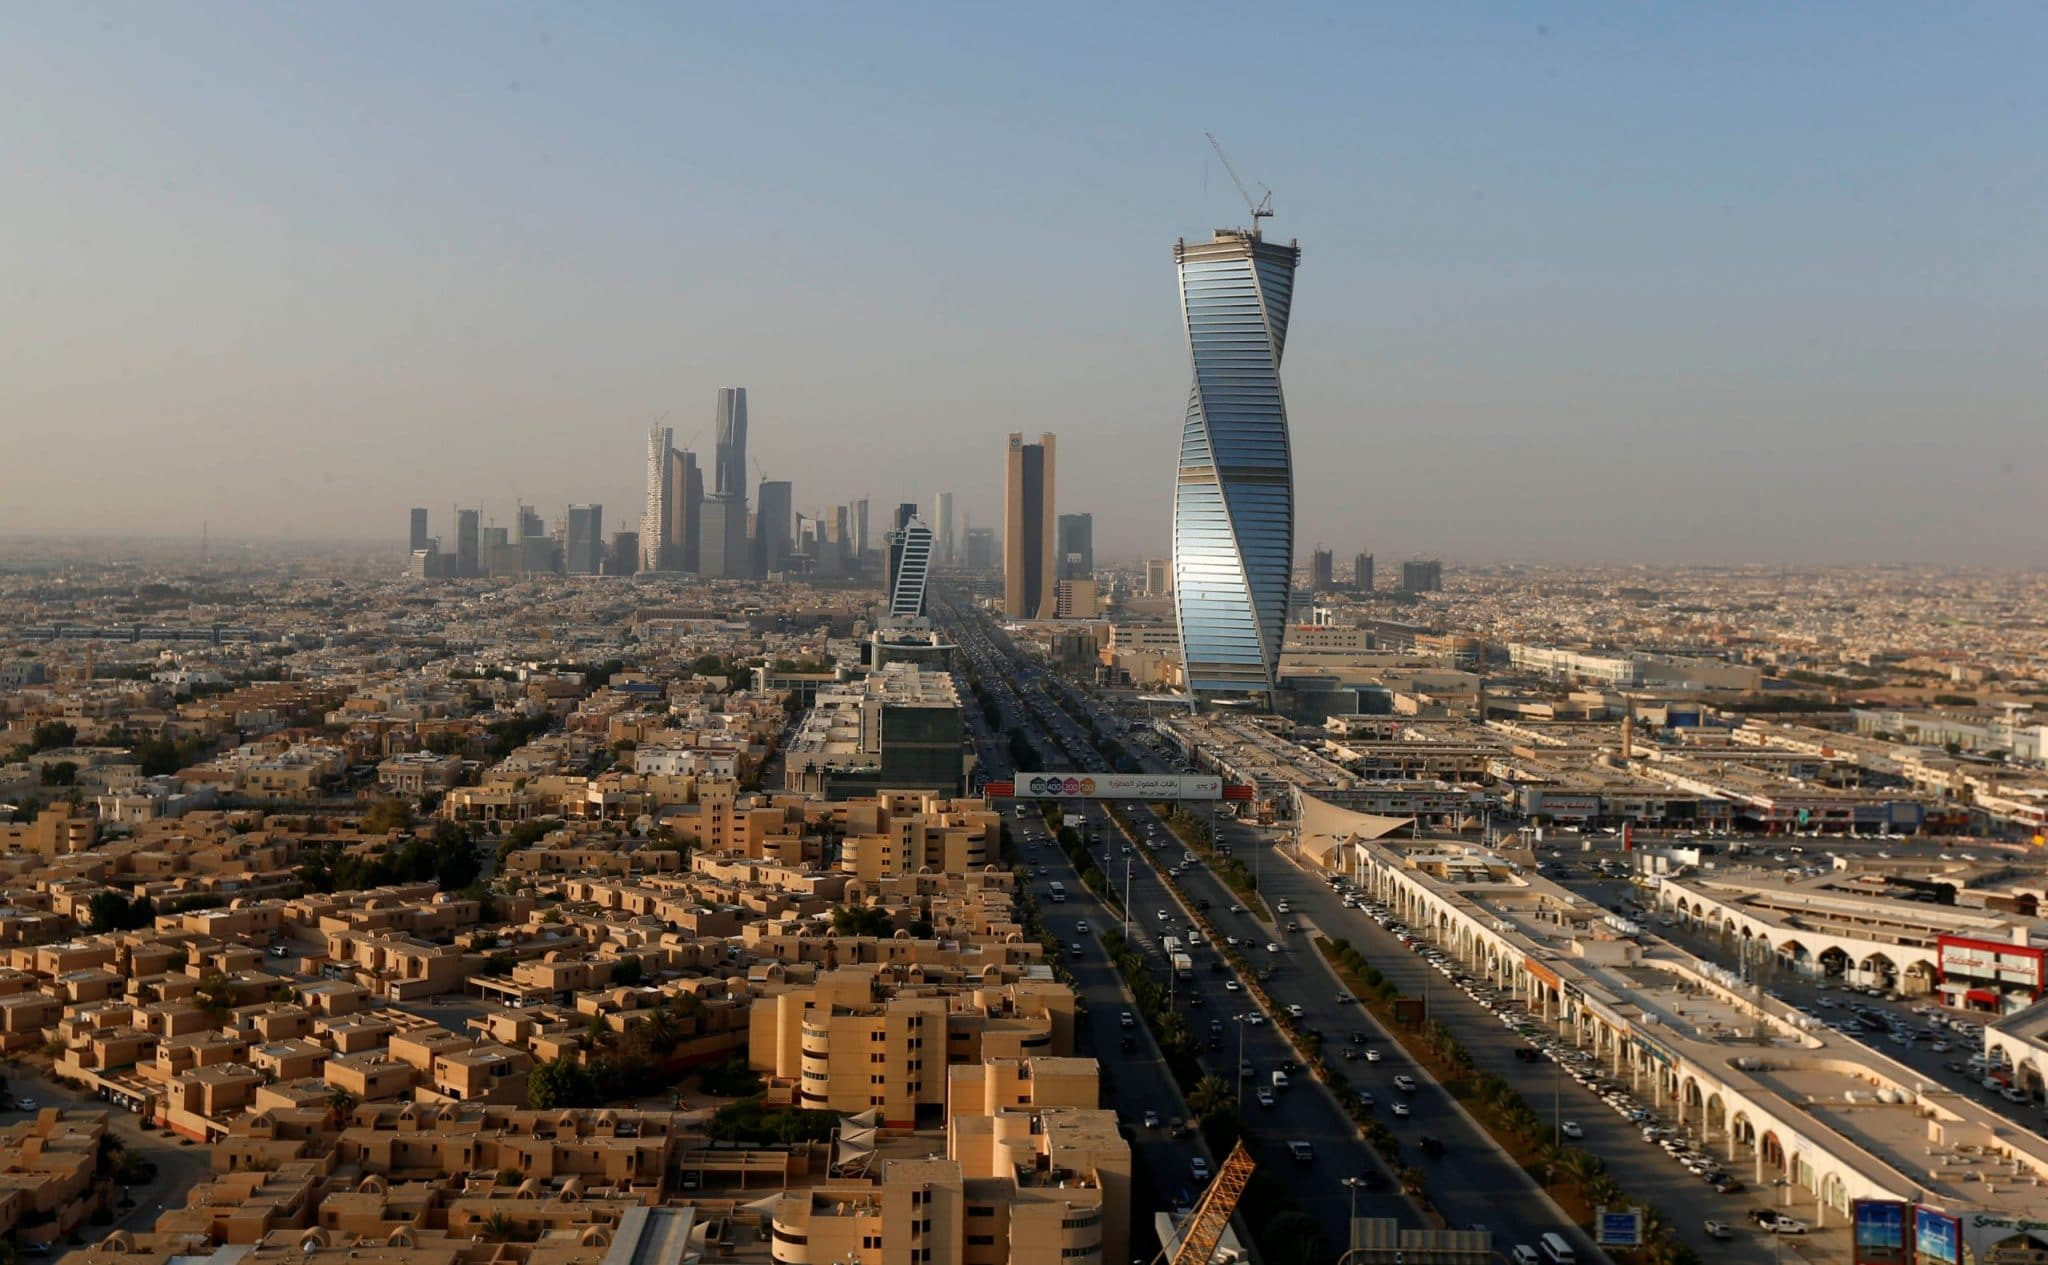 24 إصابة جديدة بفيروس كورونا في السعودية